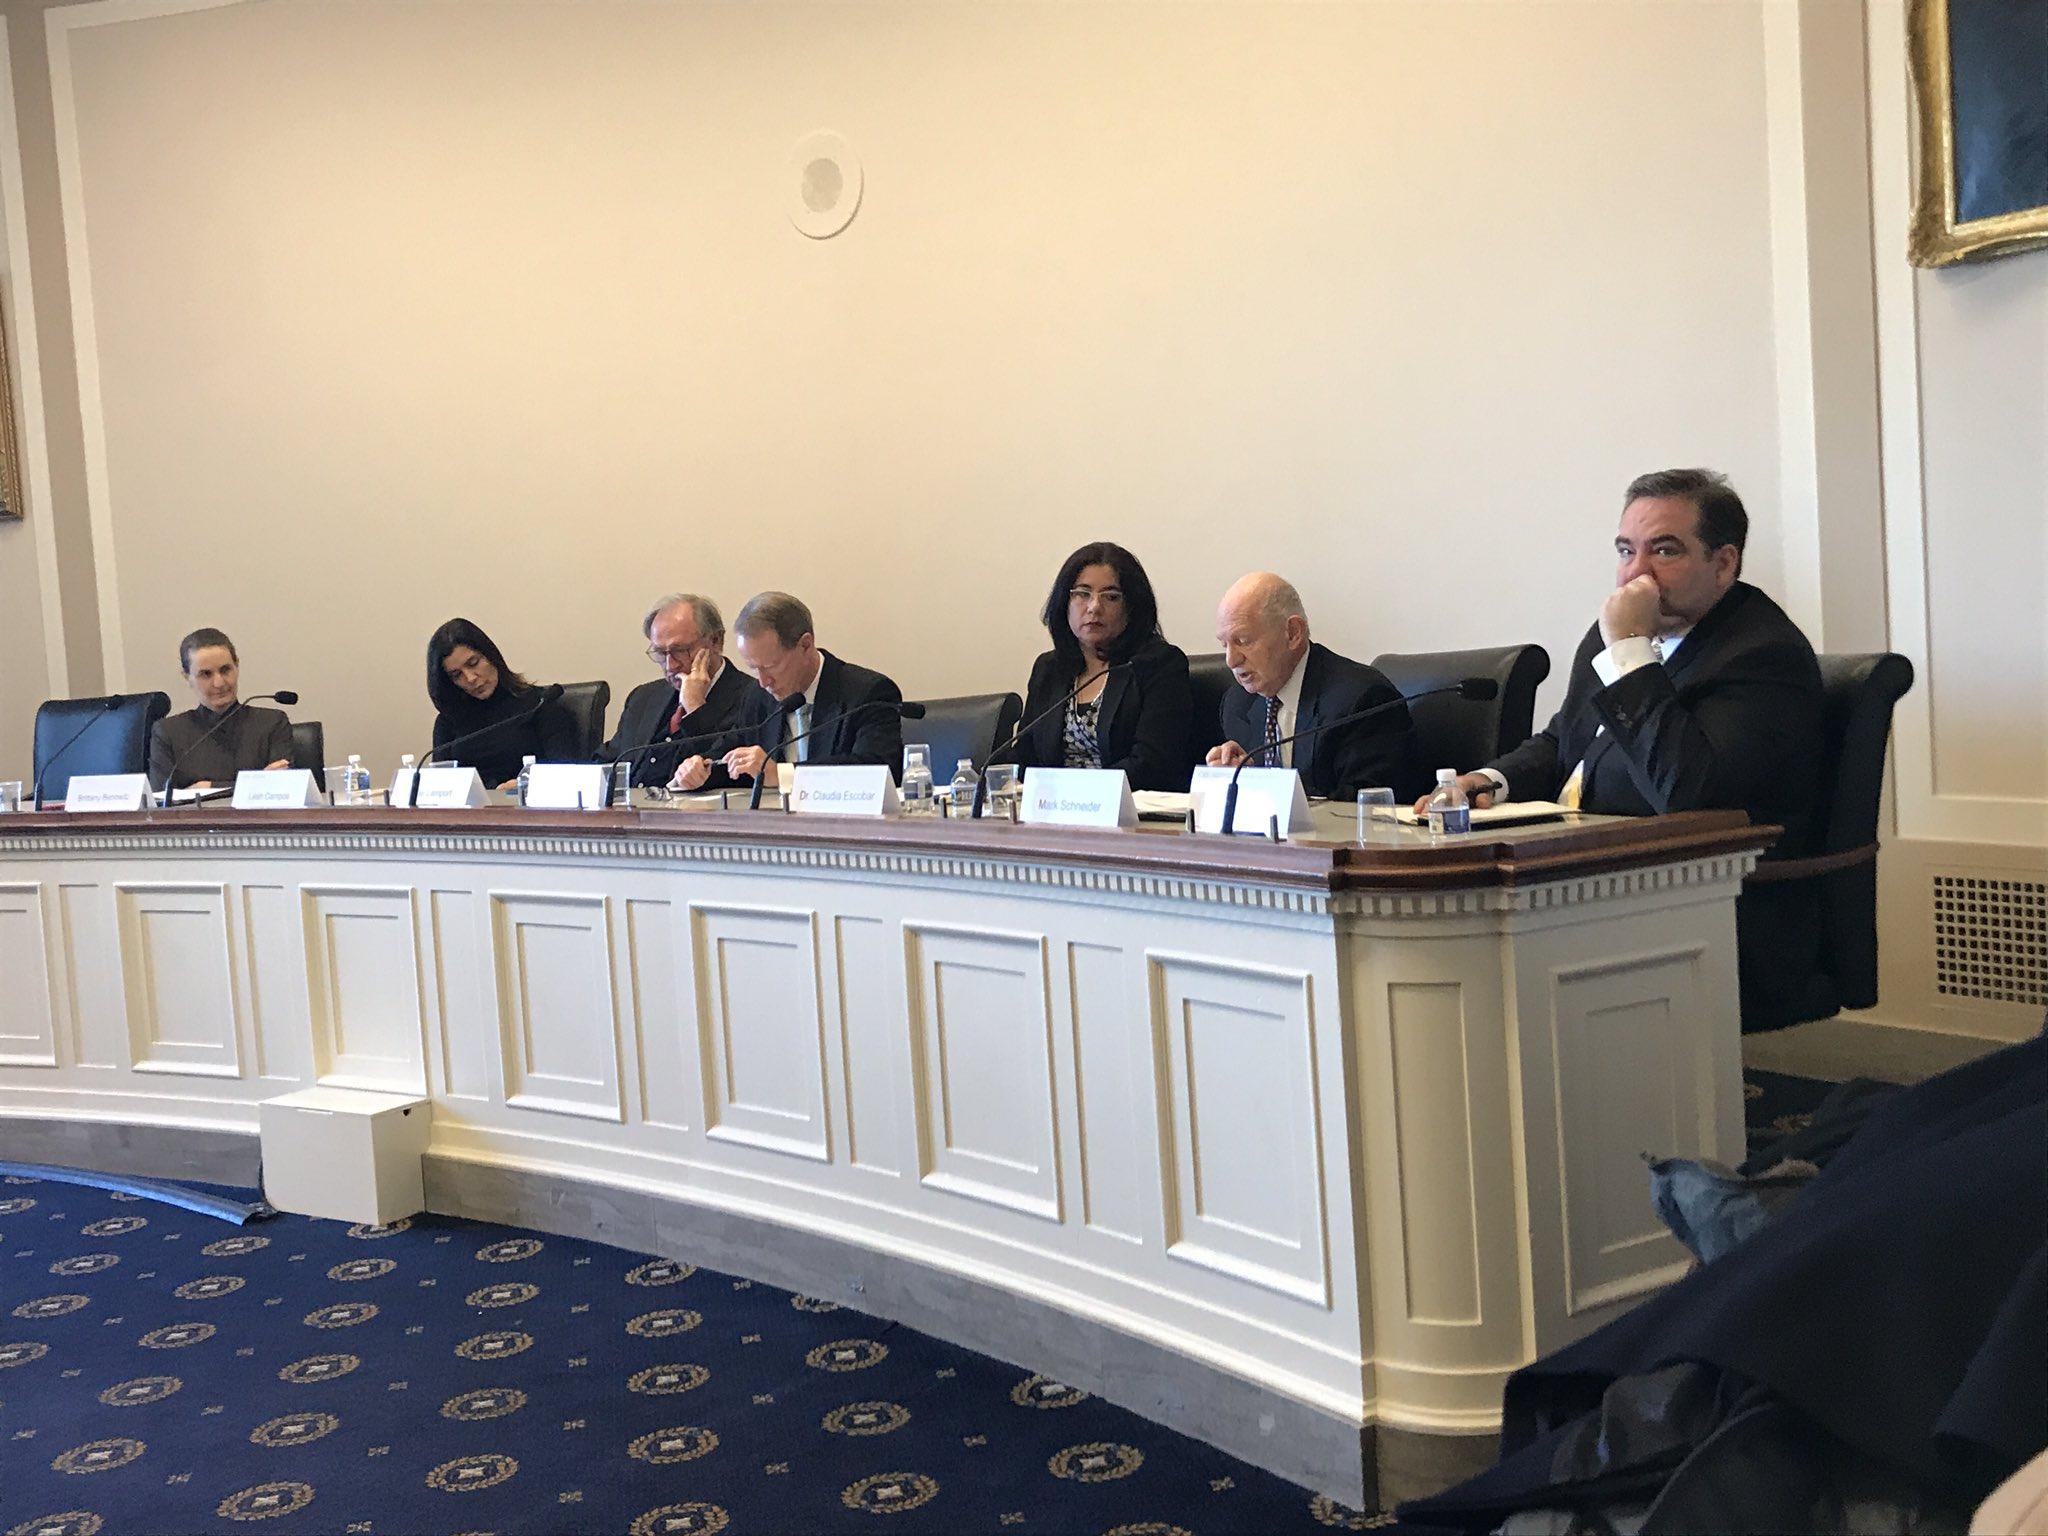 Expertos participaron en el foro sobre el futuro de la Cicig en Washington, D. C. (Foto: @Jomaburt)